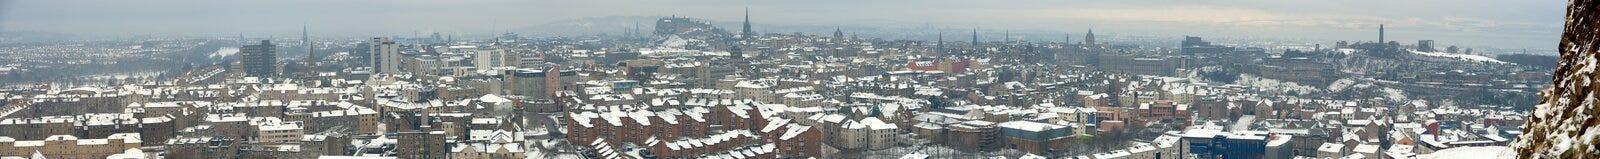 χιόνι της Σκωτίας πανοράματ στοκ εικόνες